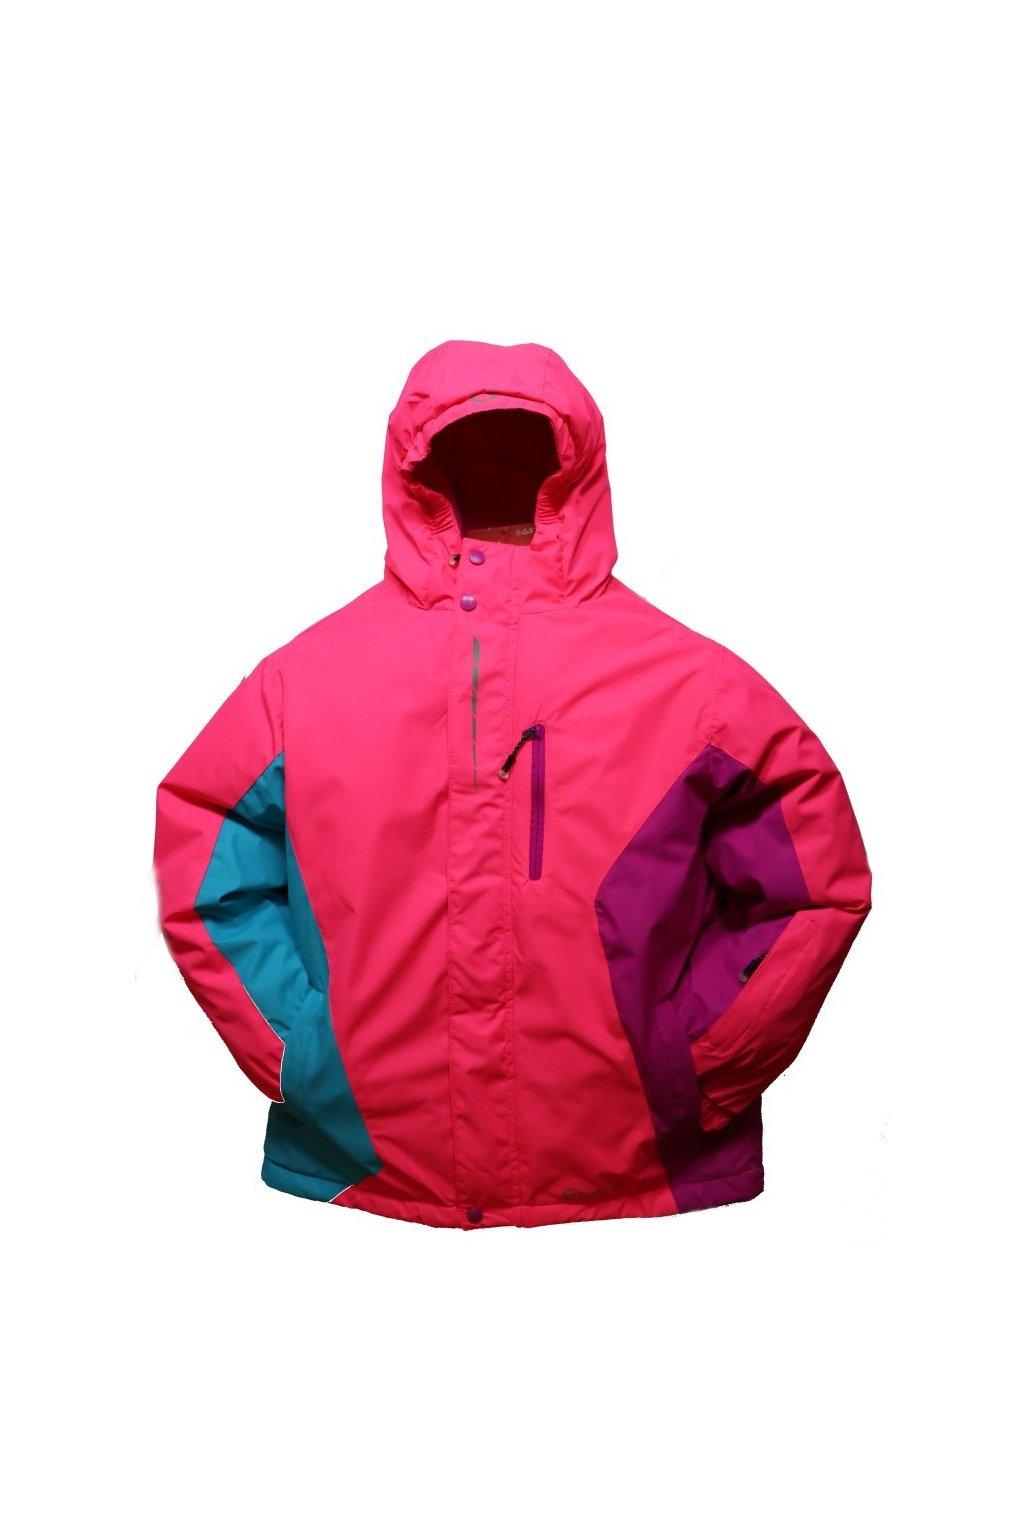 Dětská zimní bunda HA02-M2 růžová vel. 134-164 cm